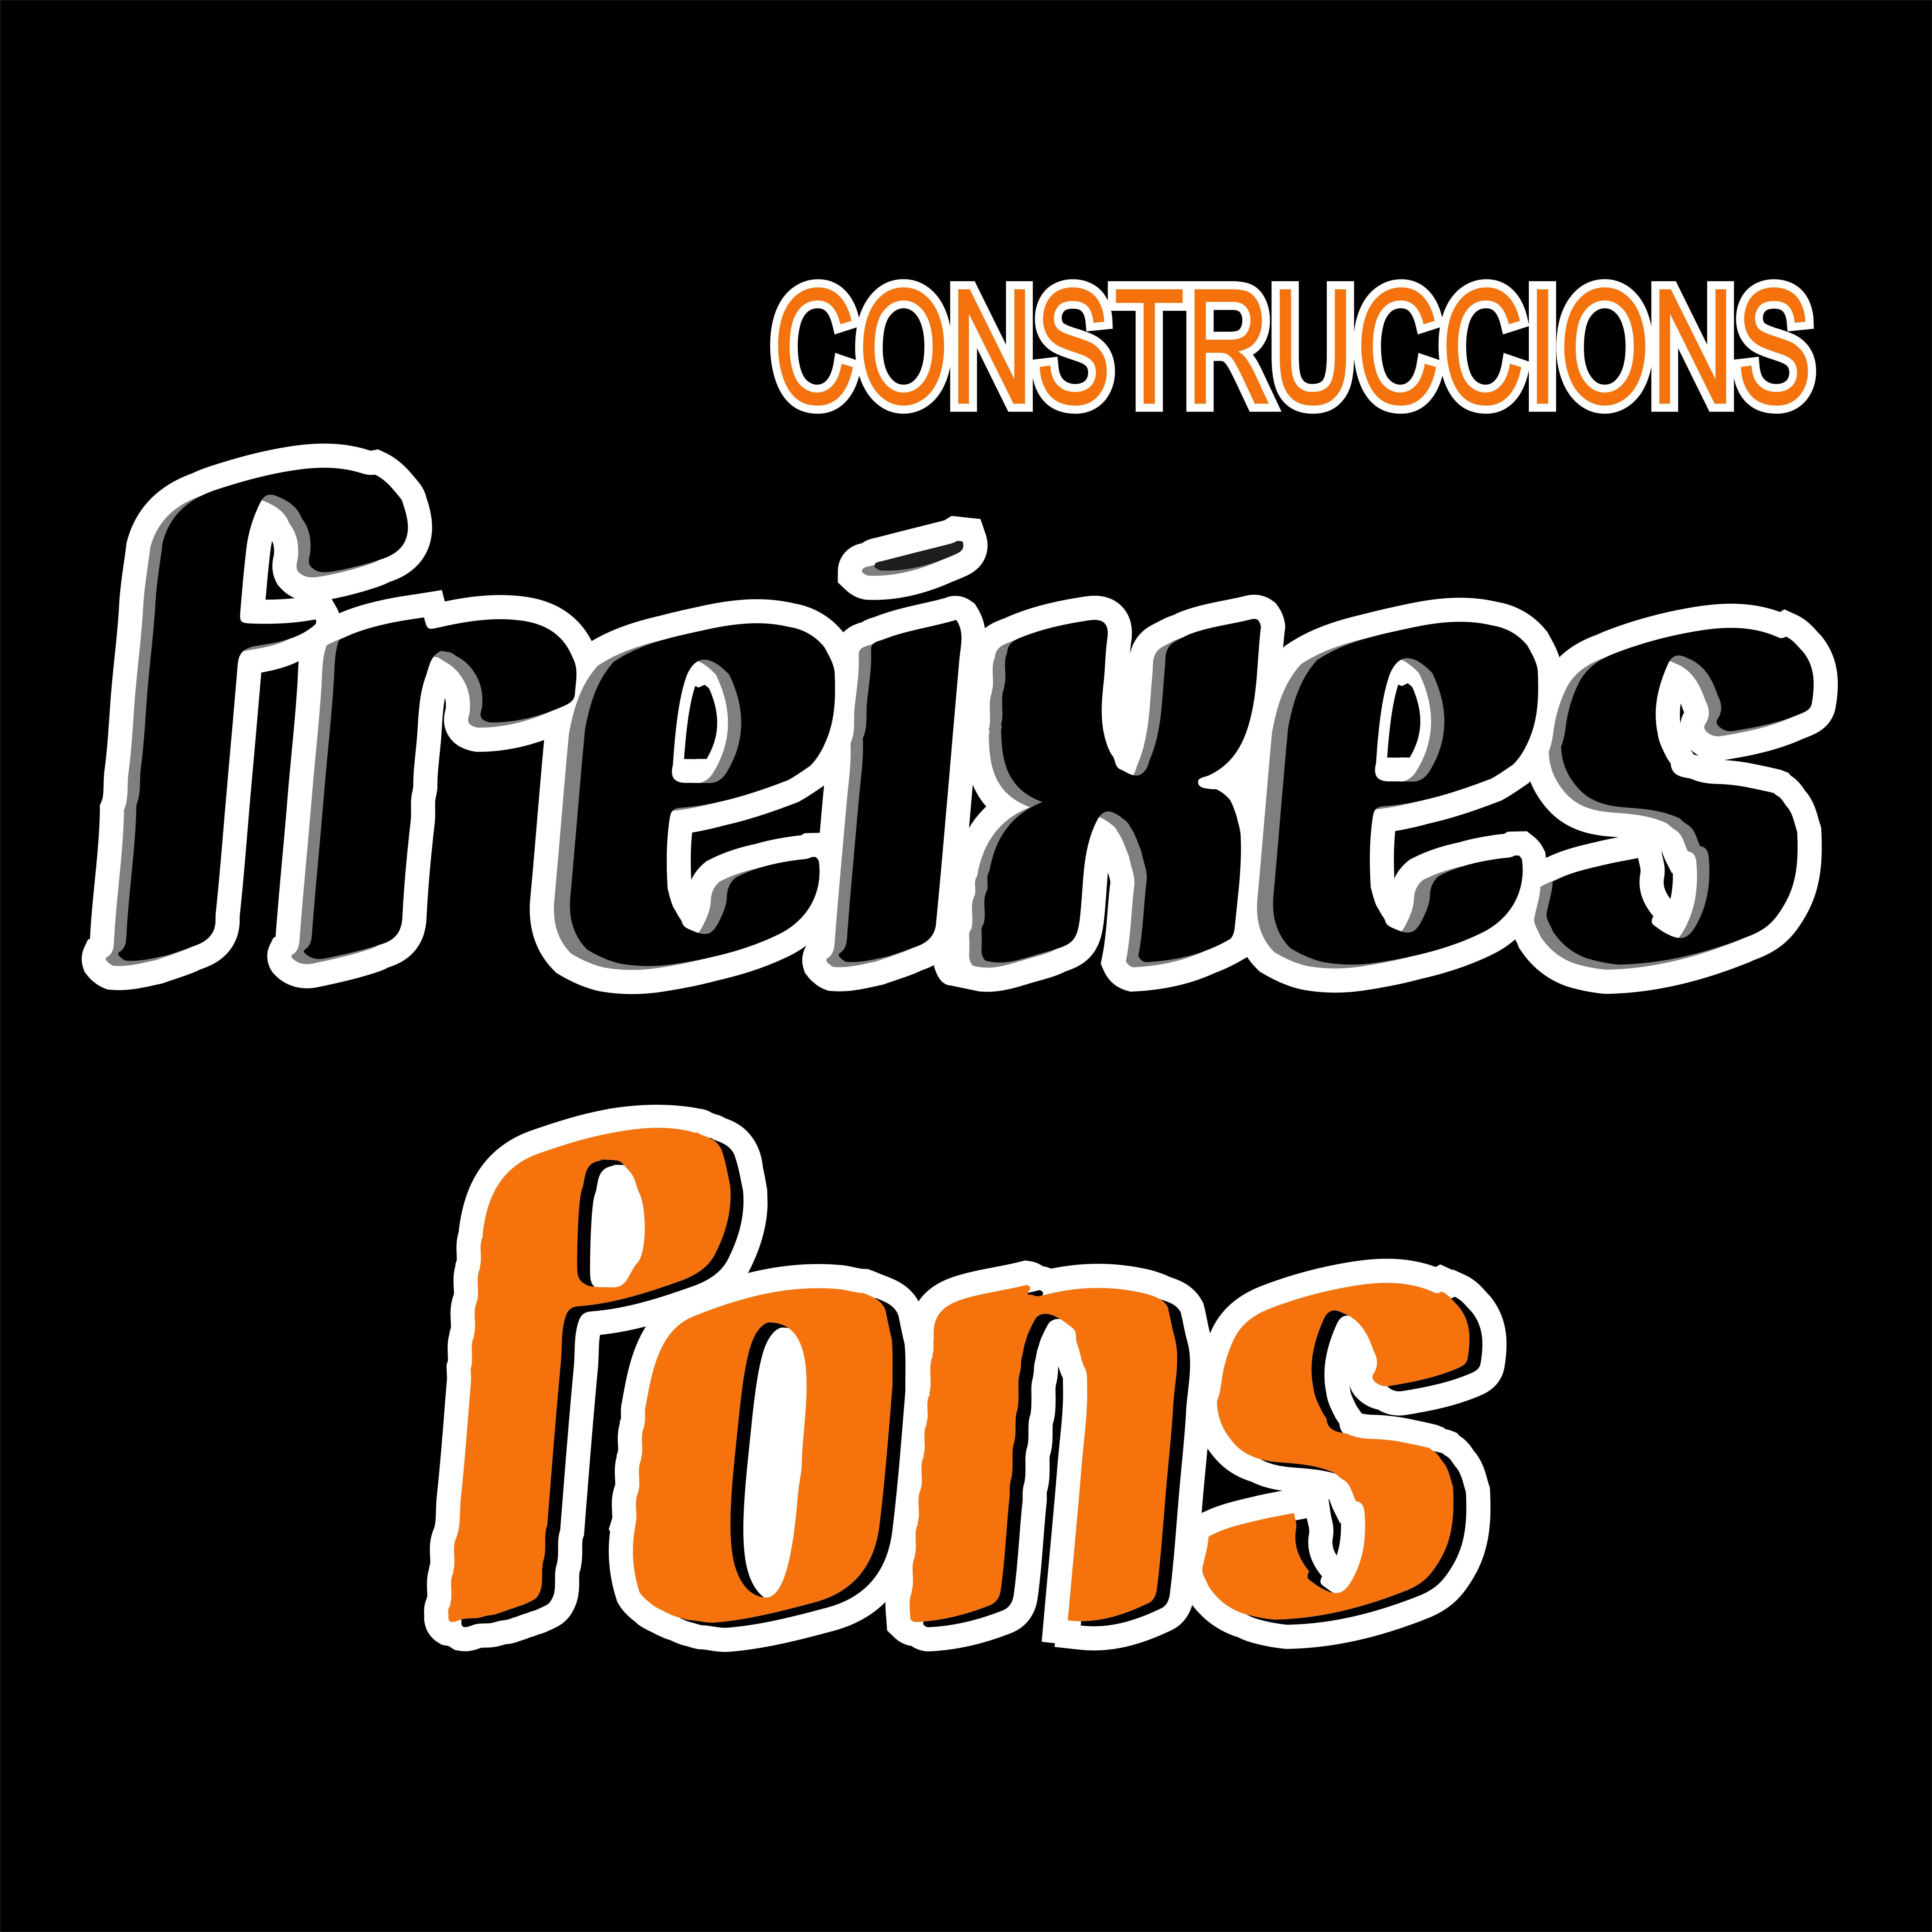 Construccions FreixesPons